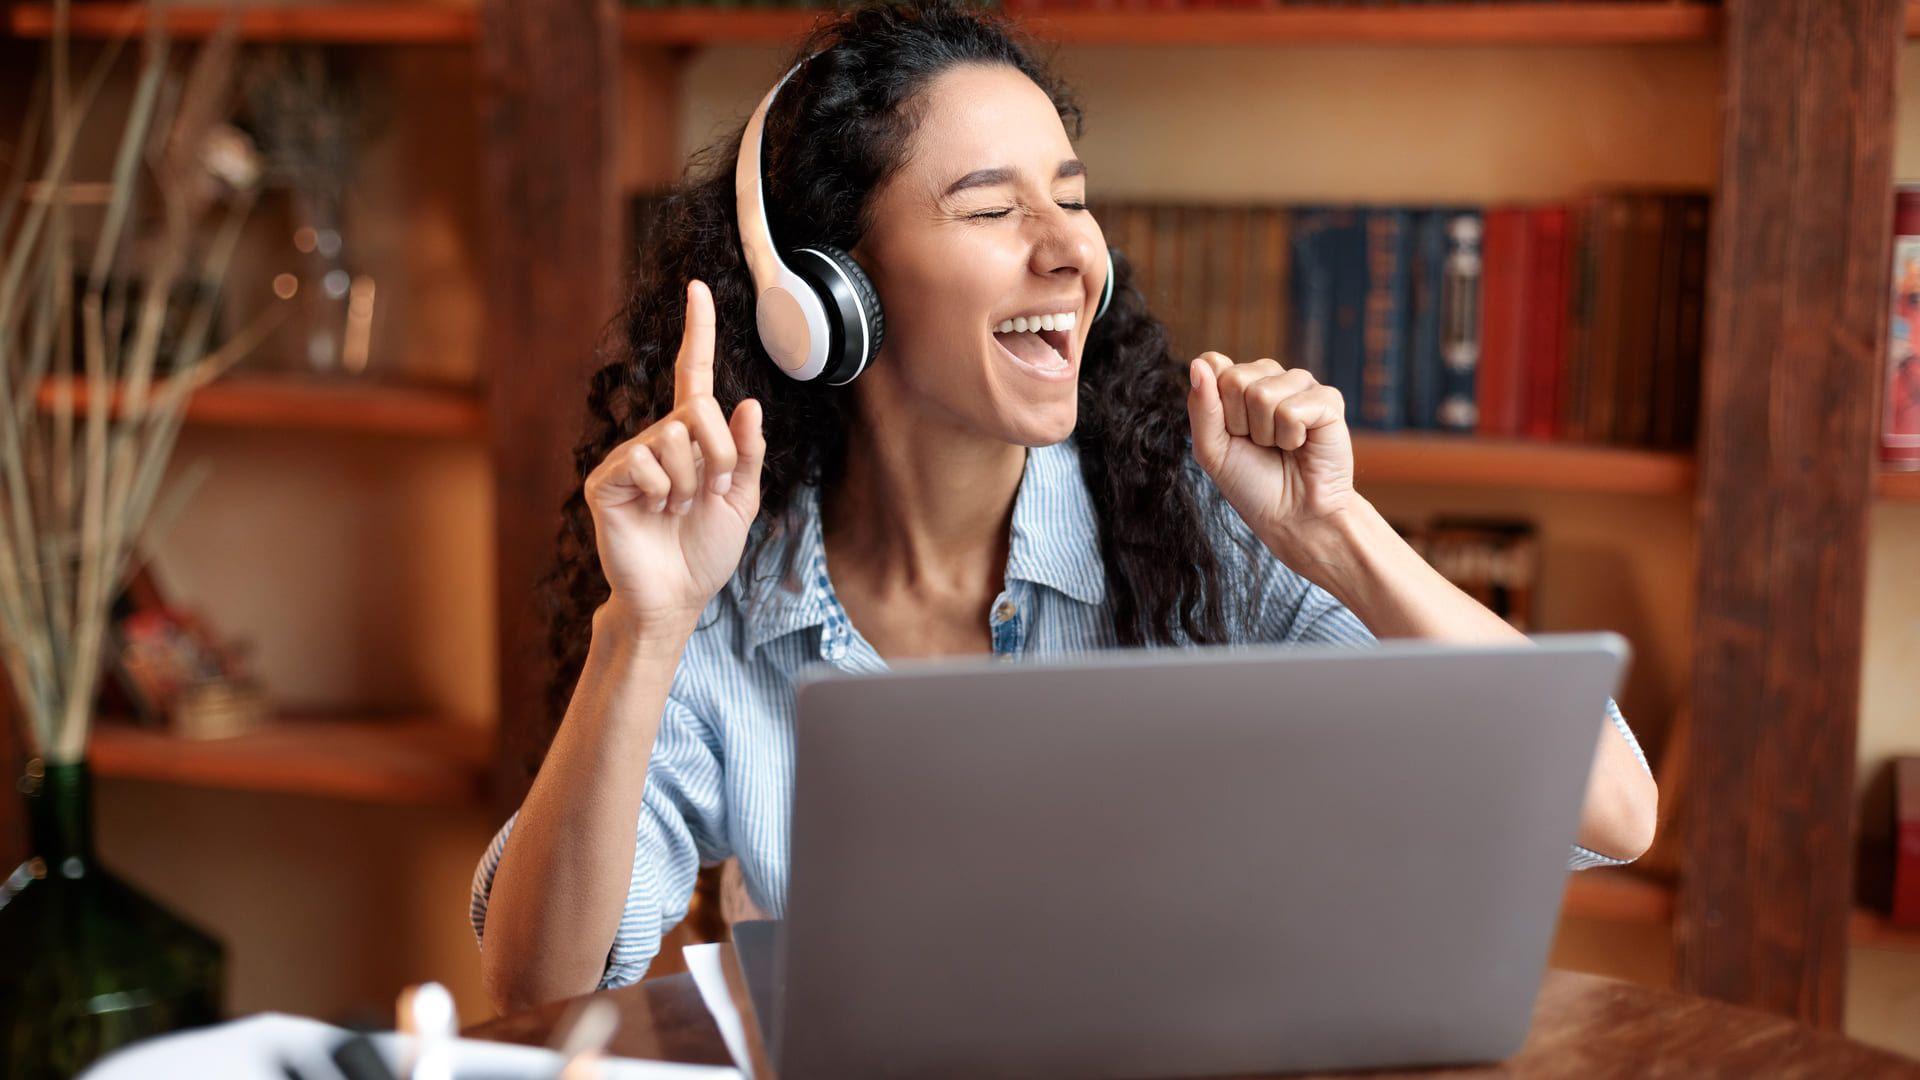 Confira como baixar músicas no PC e smartphone para ouvir com seu fone de ouvido (Foto: Shutterstock)